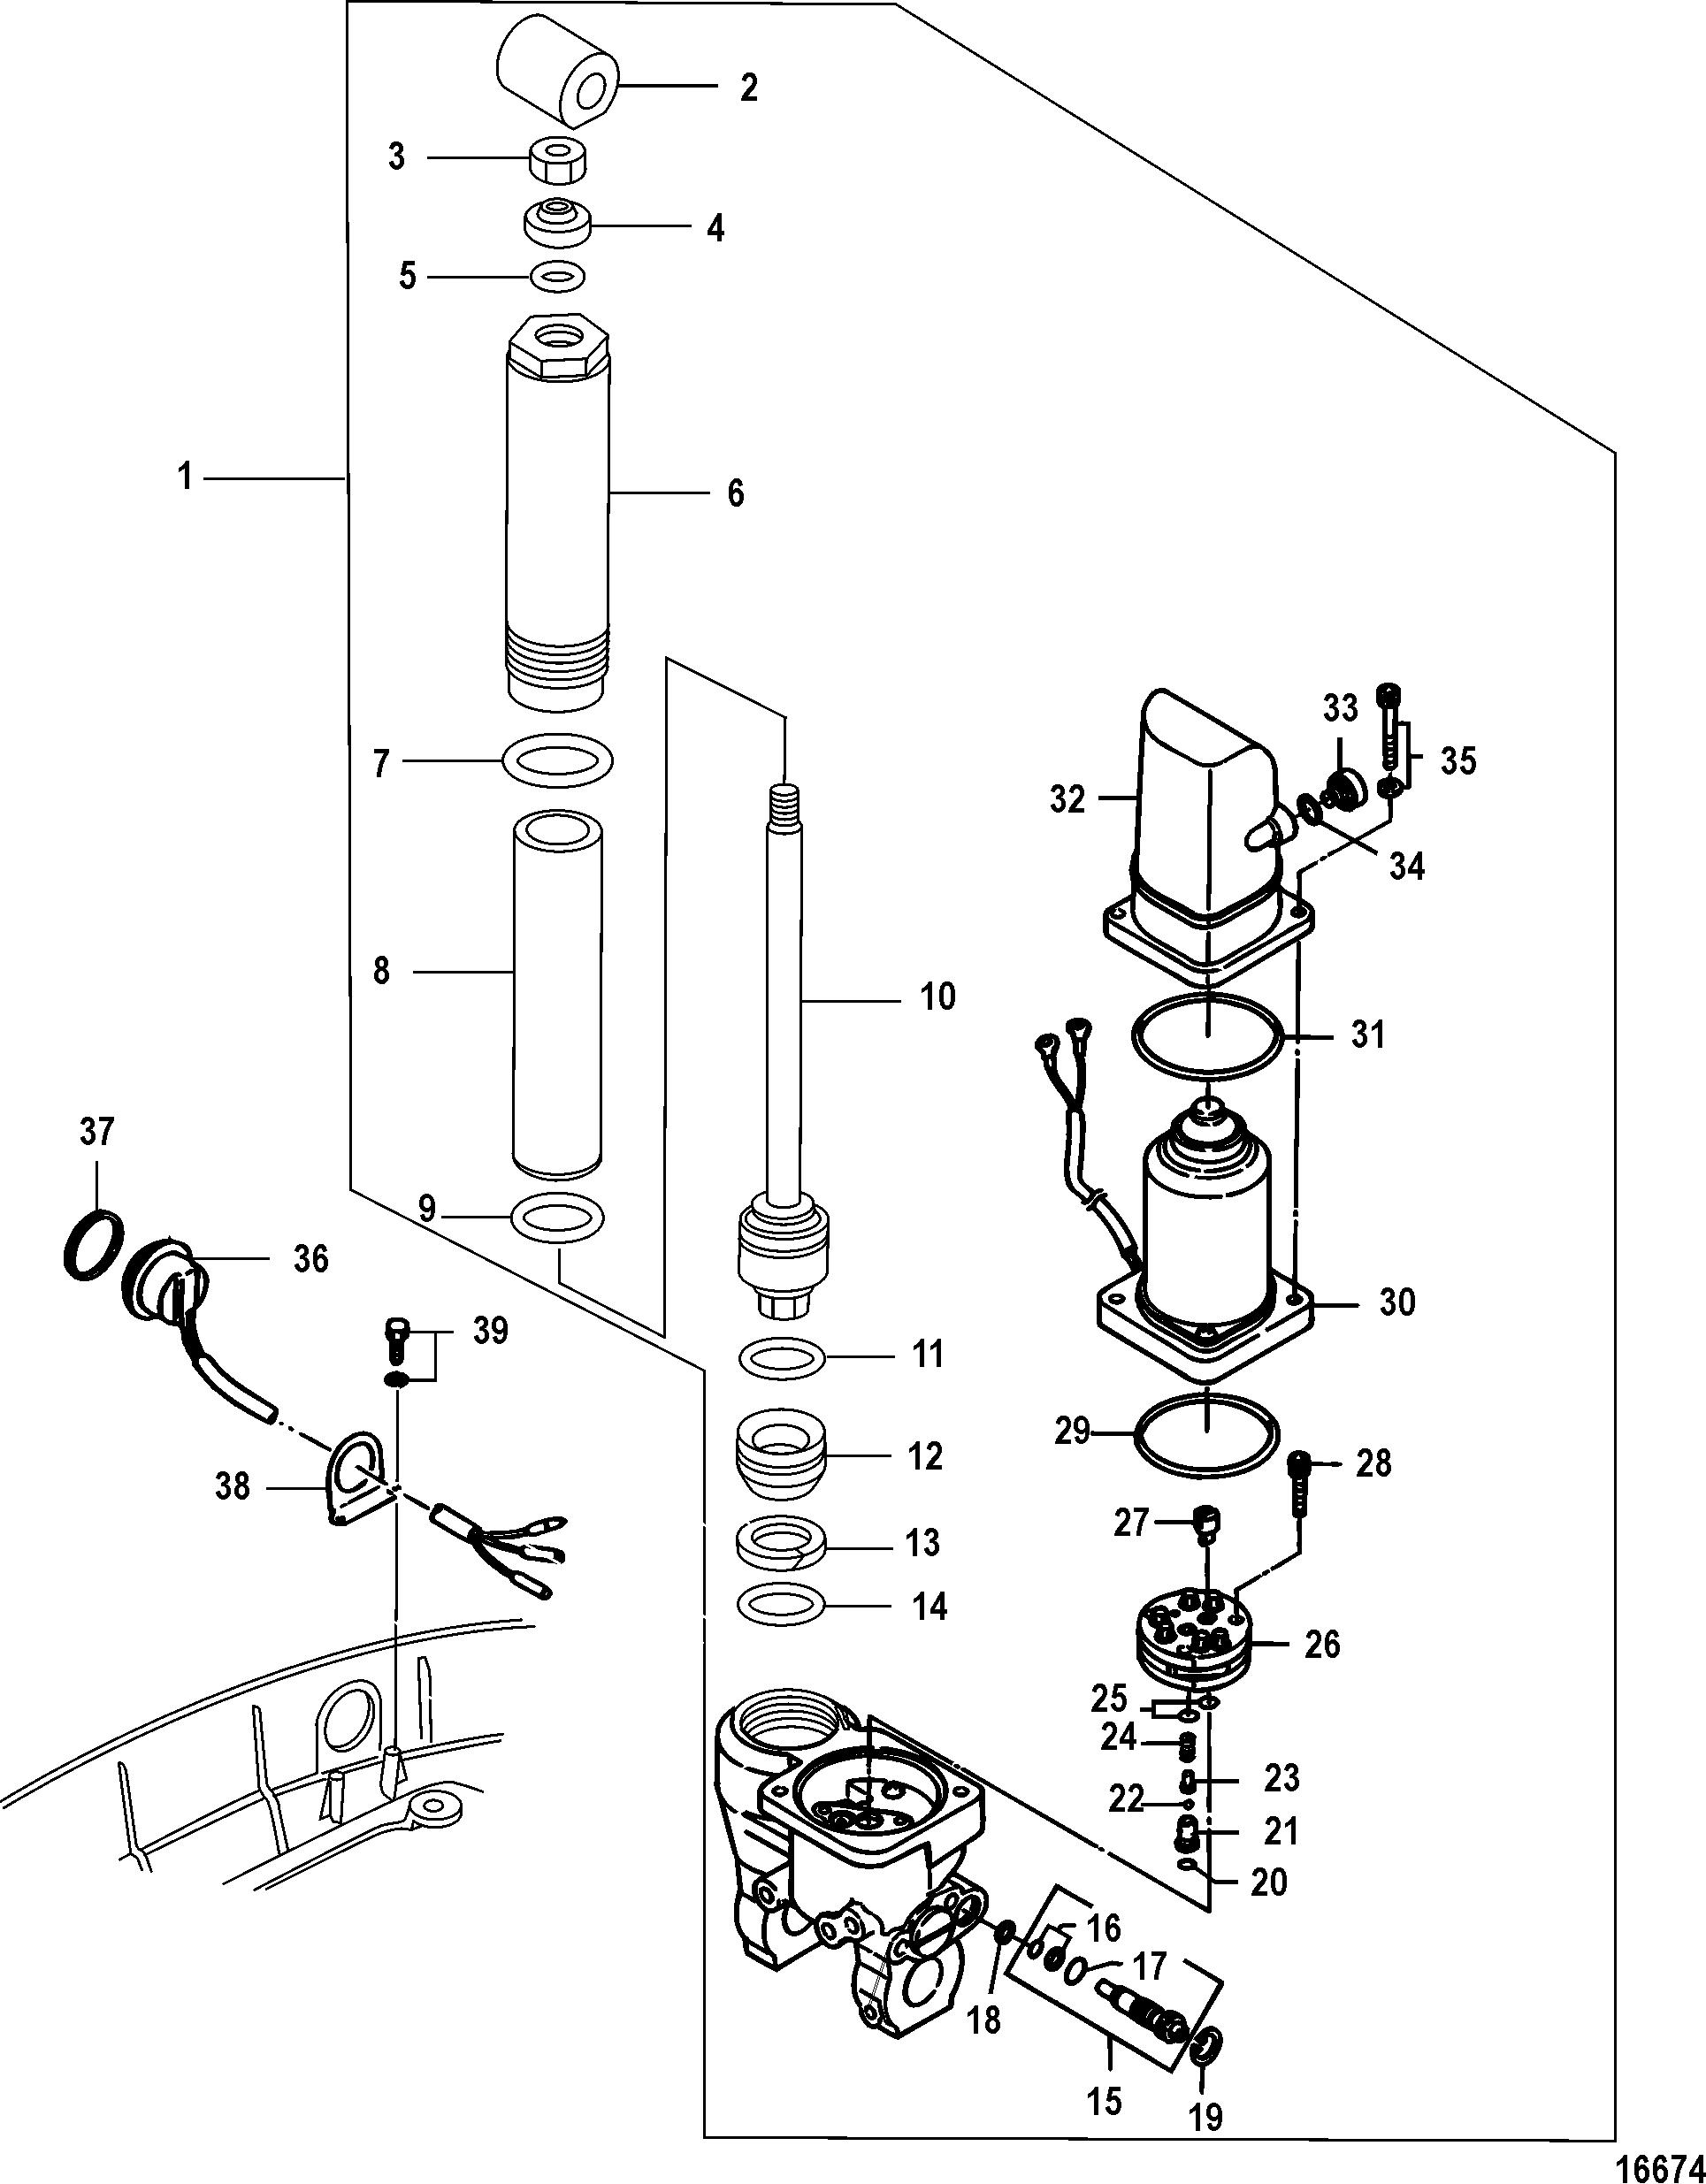 power trim tilt components for mariner mercury 25 30 jet 25 efi 3 cylinder 4 stroke